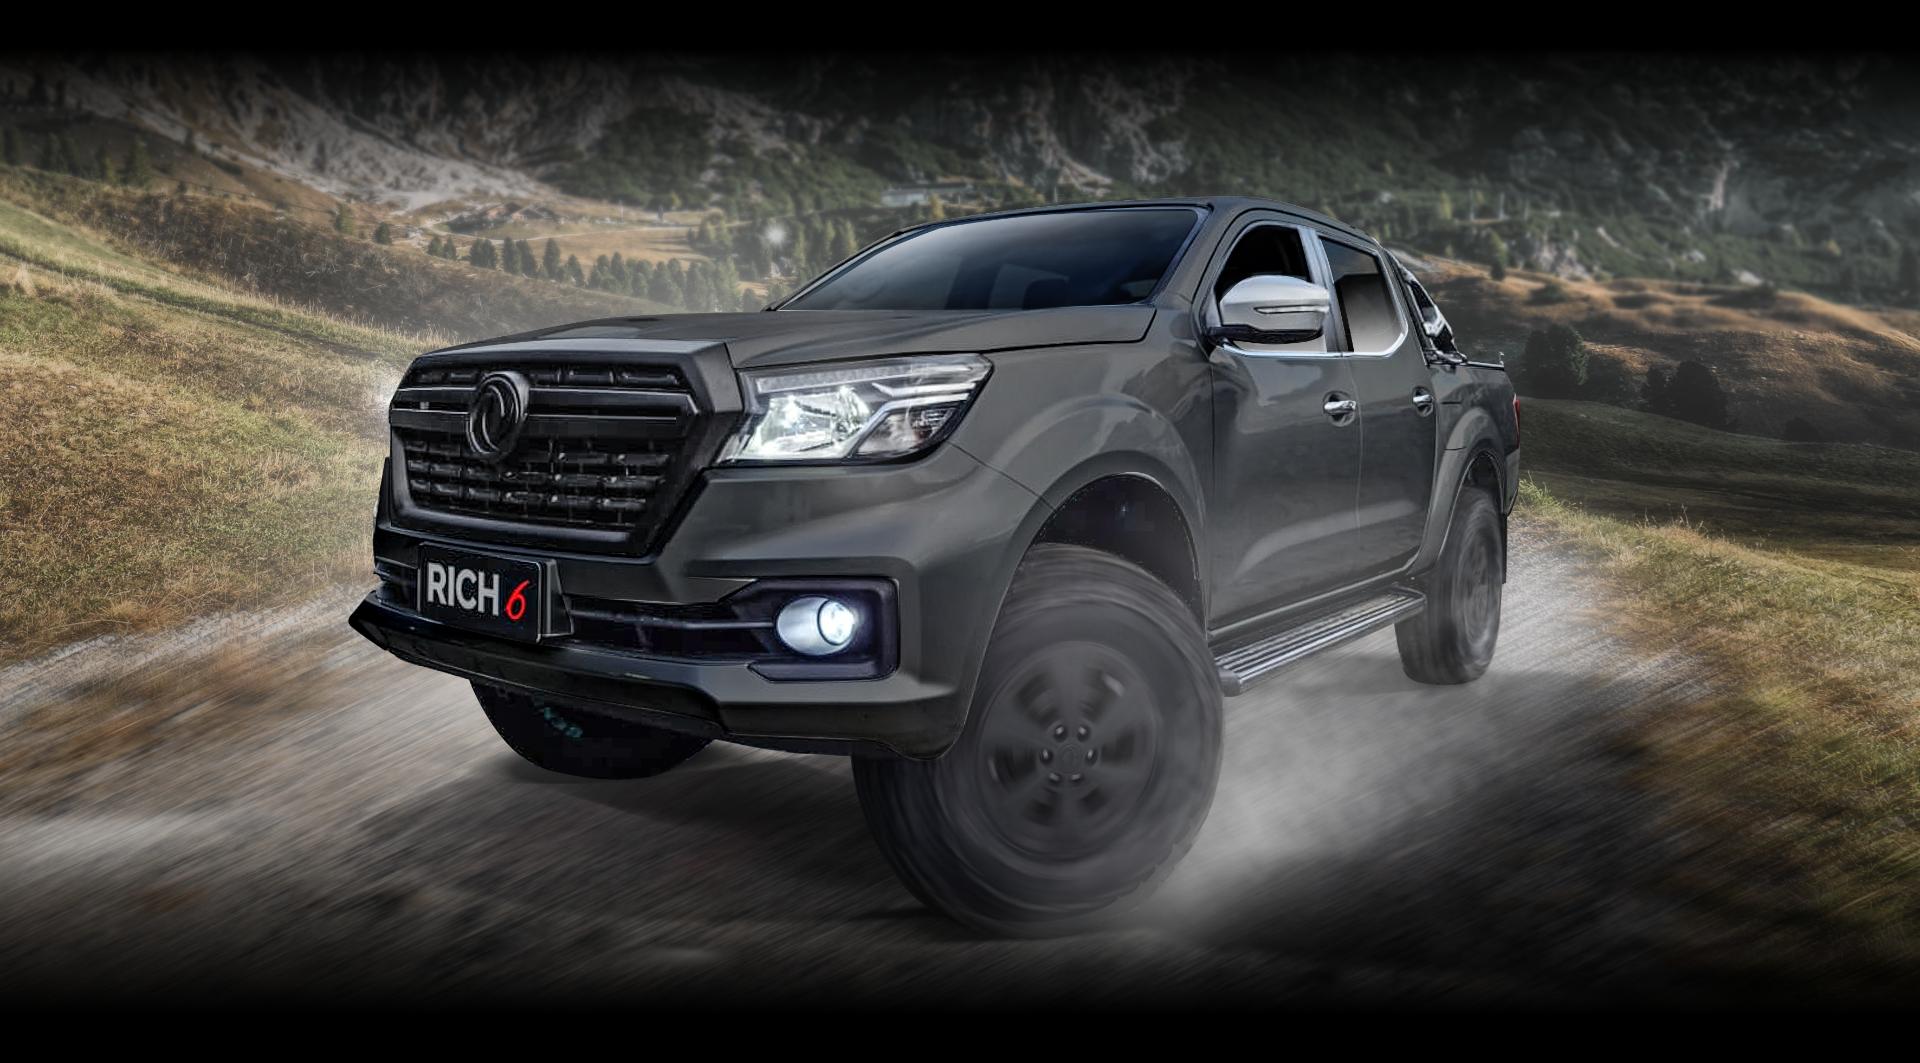 Desata todo el poder de la nueva camioneta Rich 6 Thunder